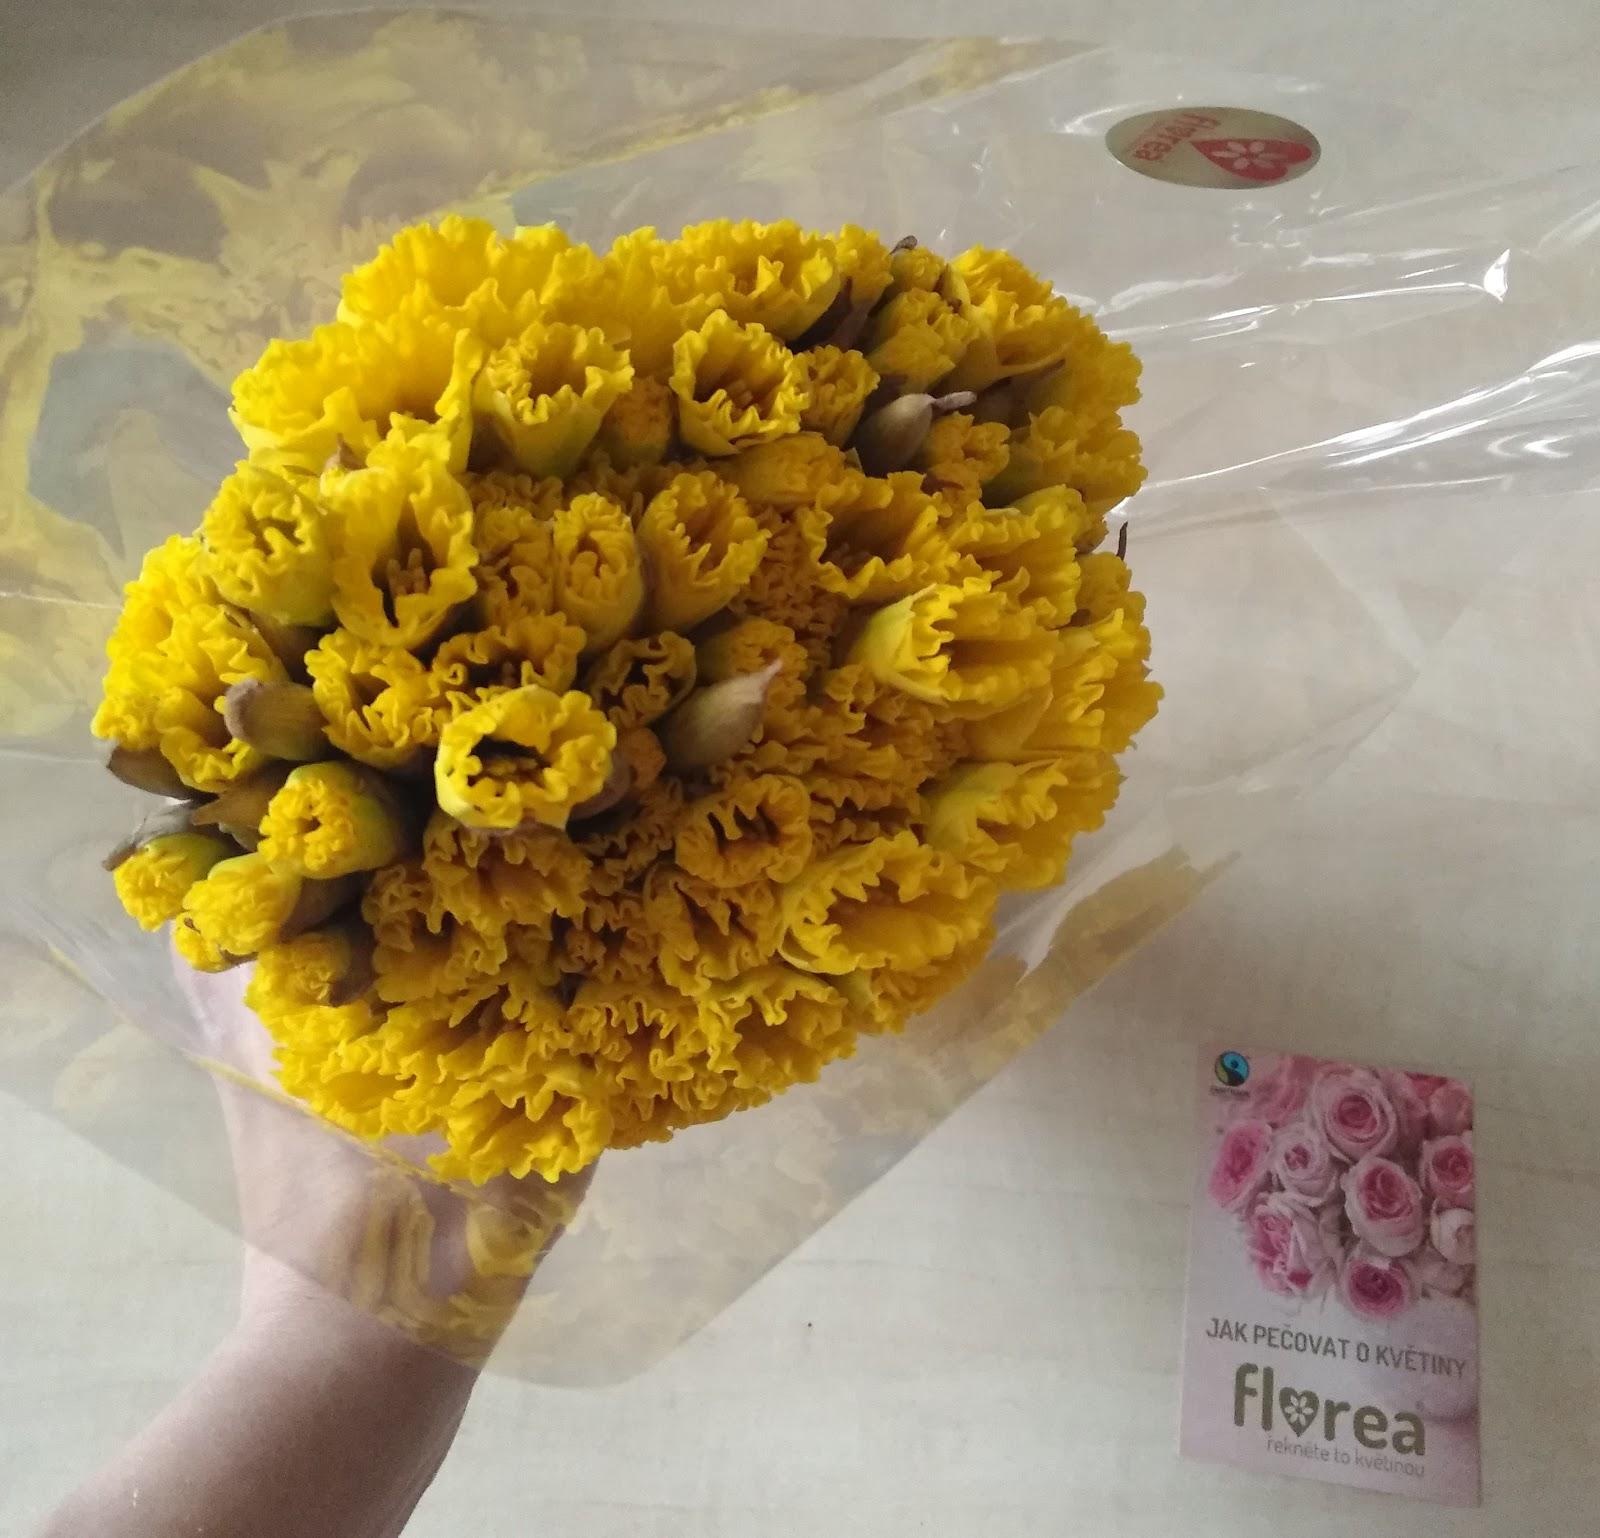 Recenze Florea: Kytice 100 narcisů v den doručení